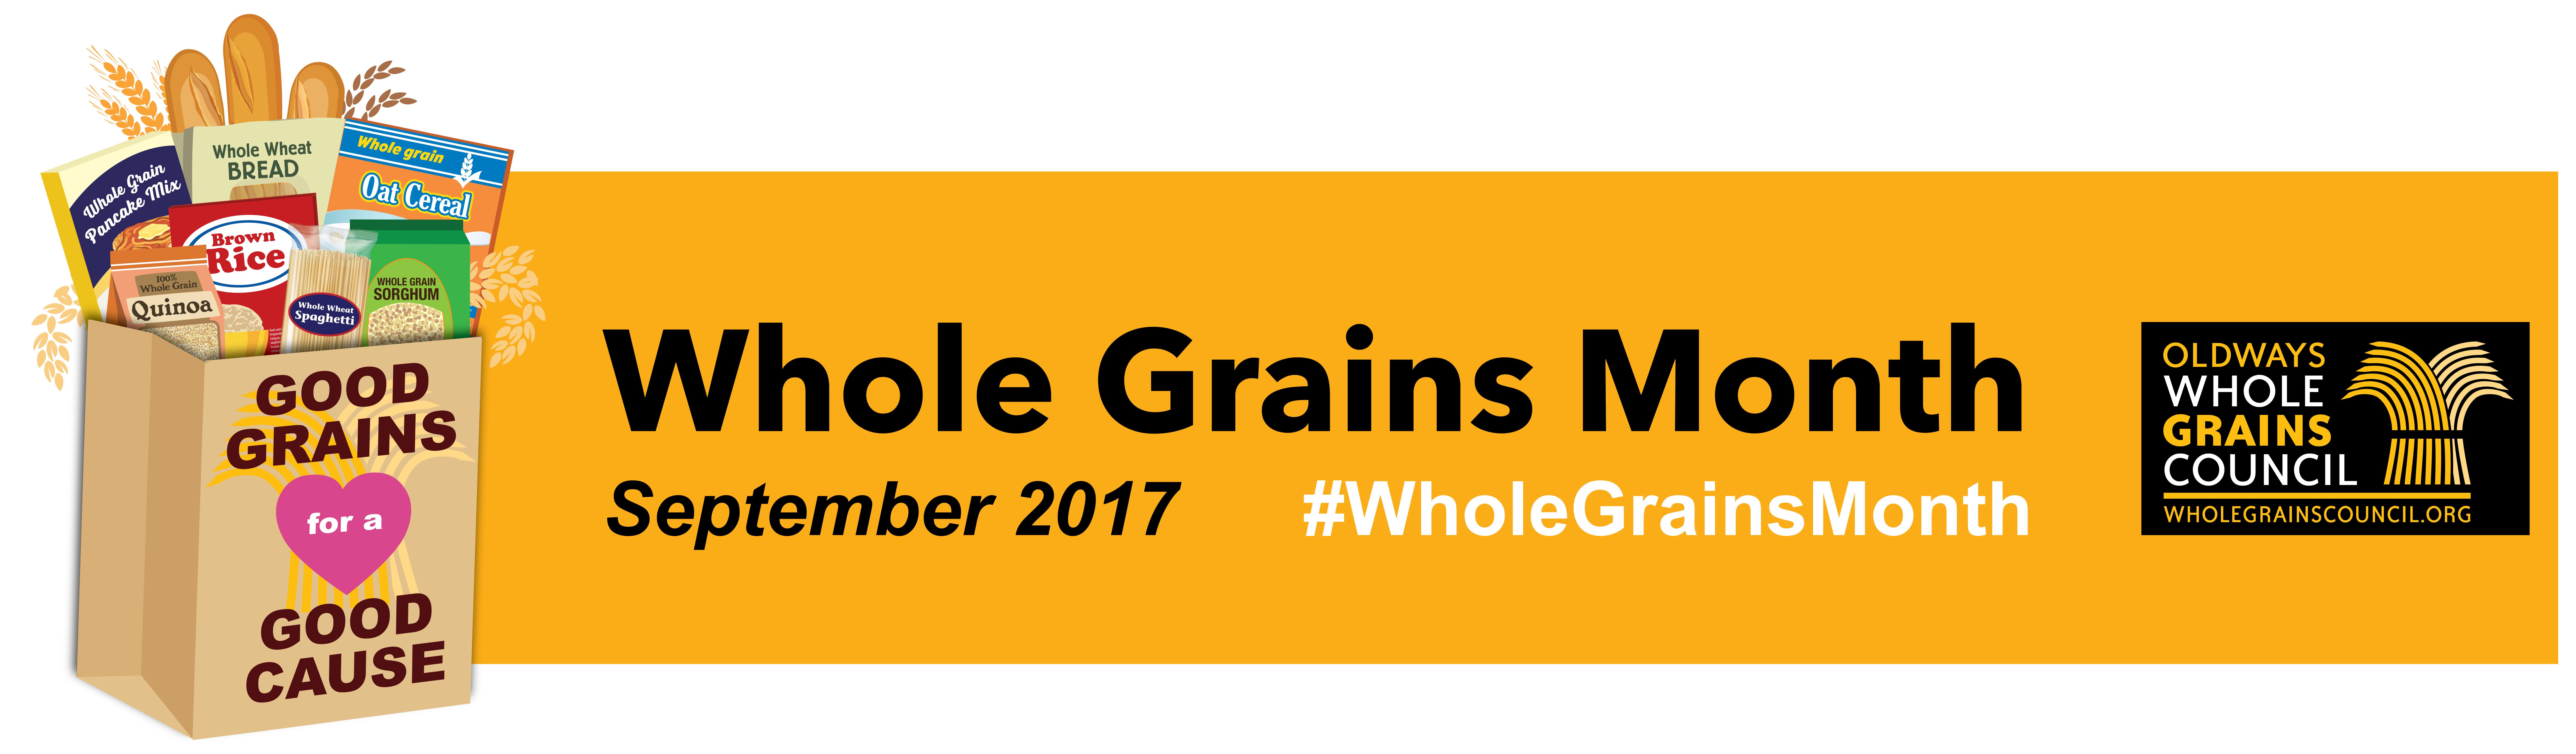 WGMonthLogo2017-banner.jpg